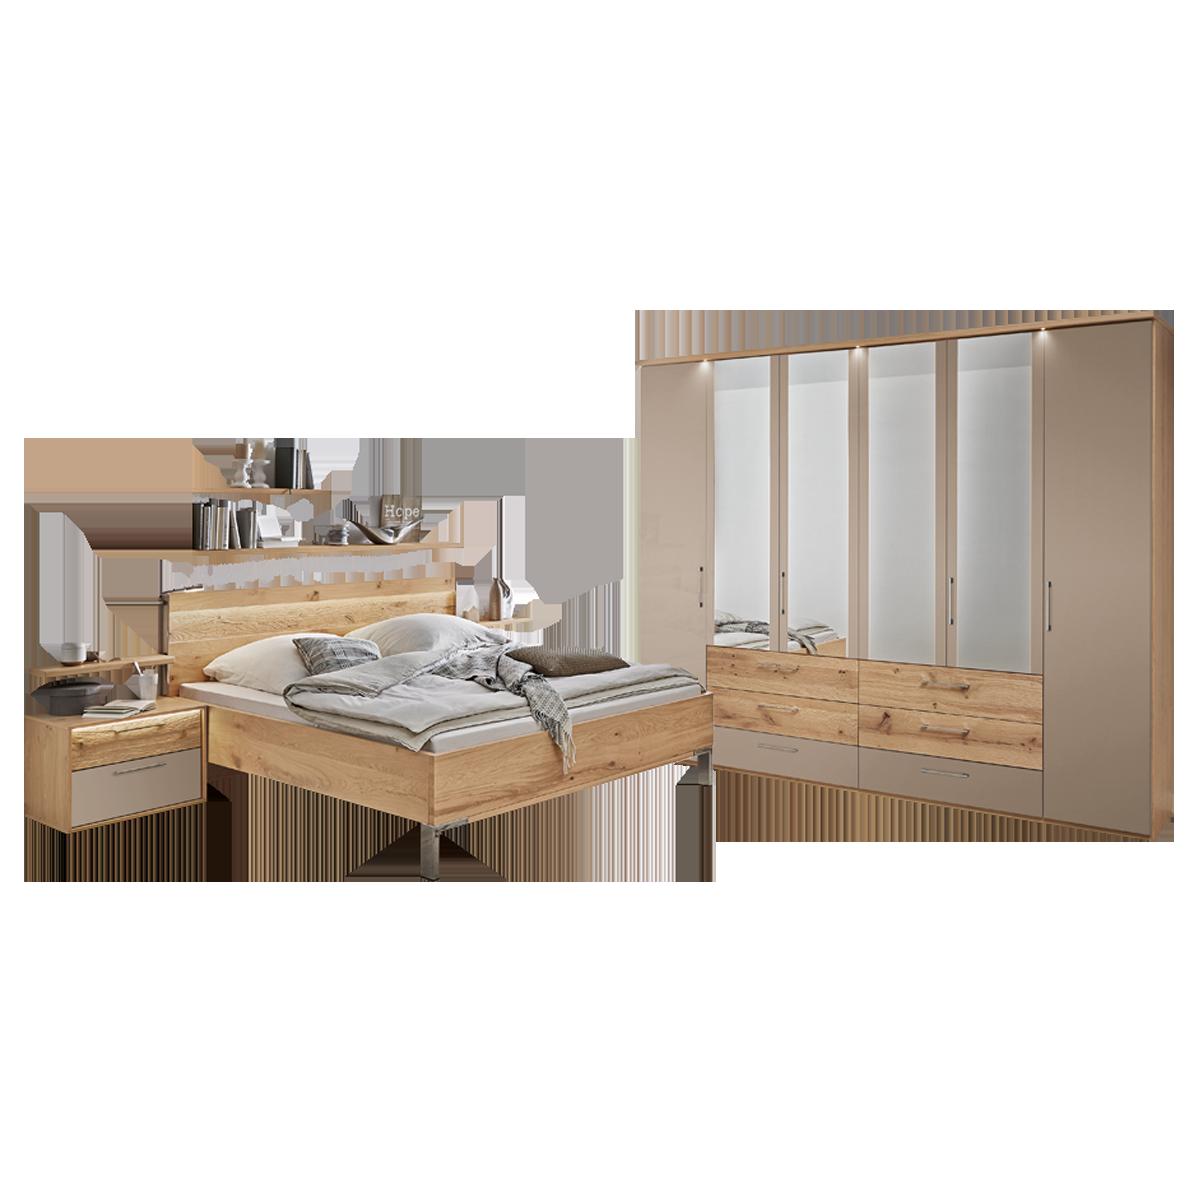 Schlafzimmer Doppelbett disselkamp cadiz schlafzimmer bett nachtkonsolen wandboards schrank